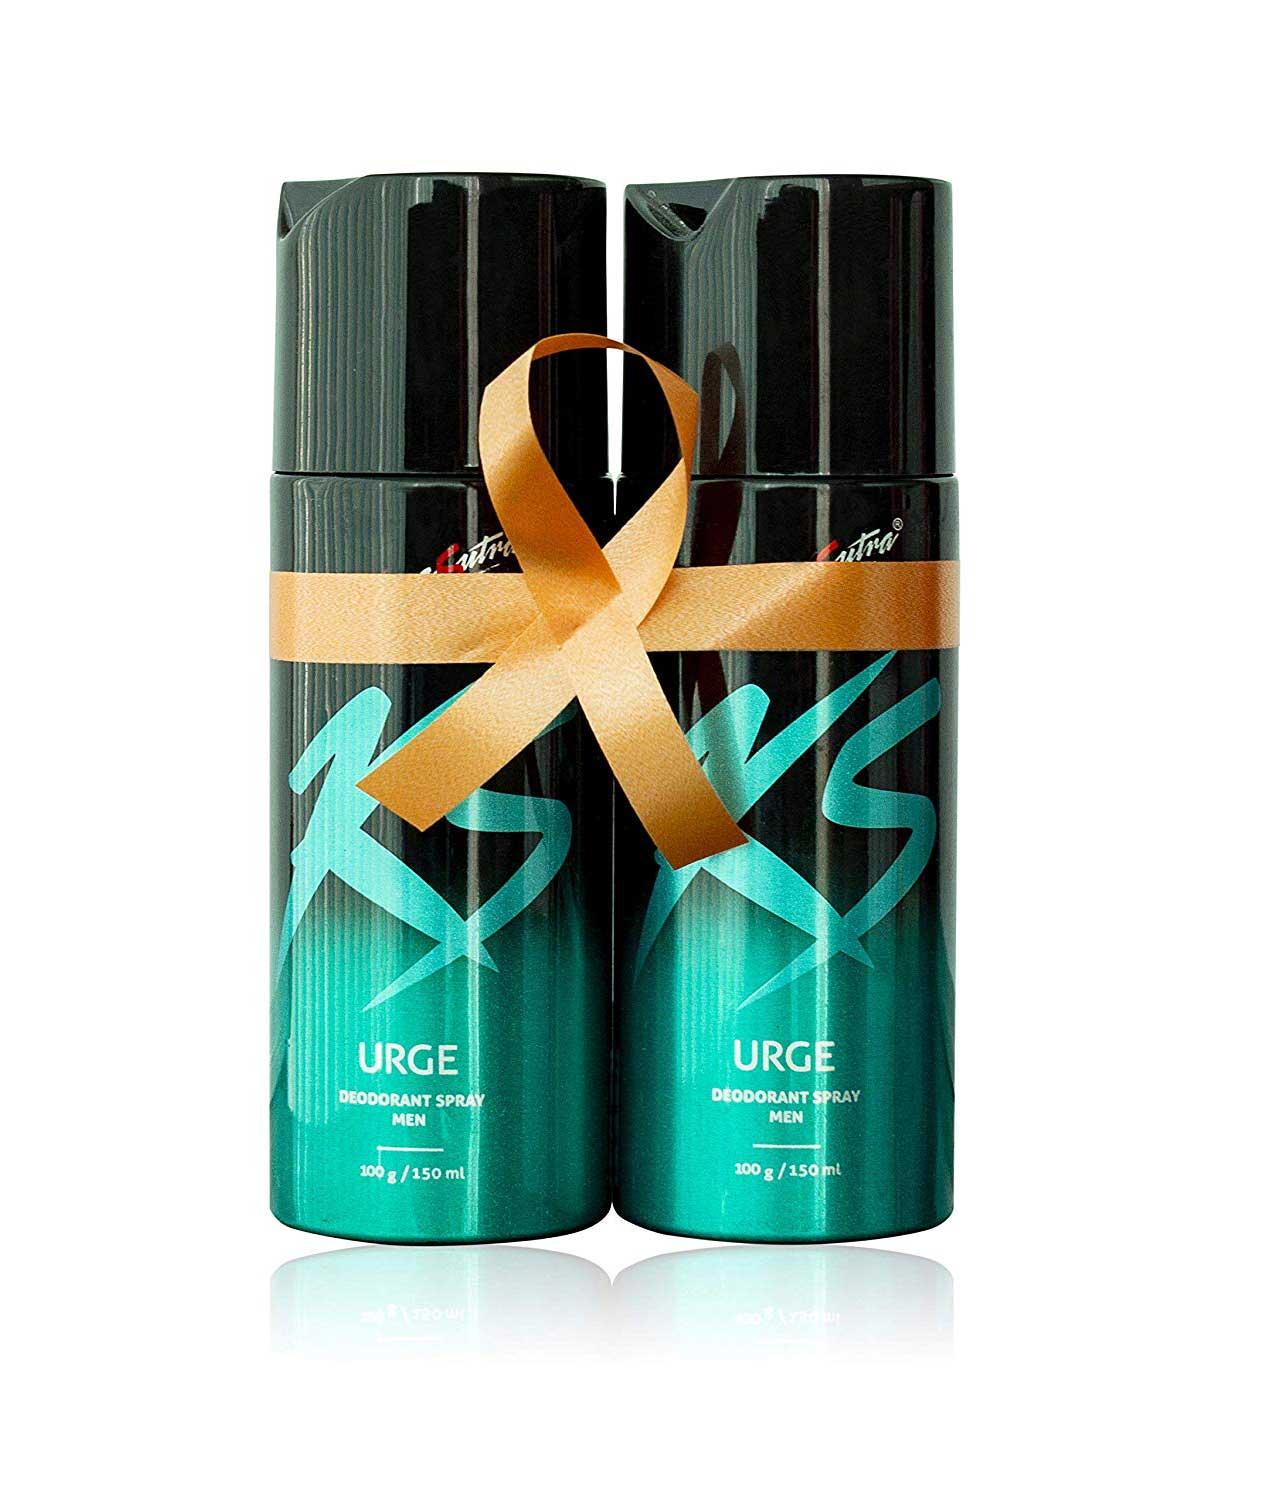 AXE Recharge 24x7 Bodyspray, 150ml